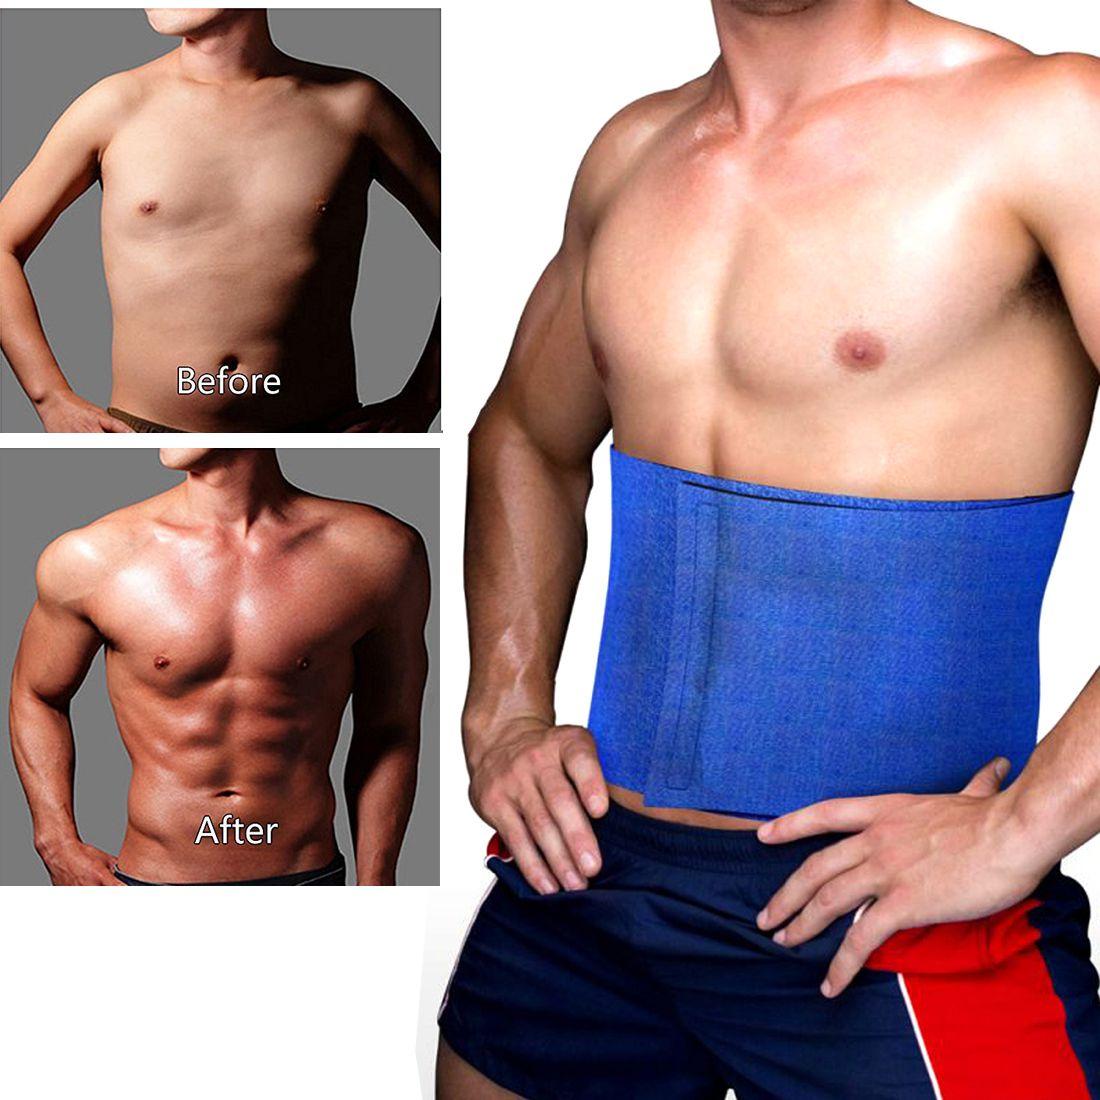 ce6ef5e16a Jm Tummy Belly Slimming Waist Trimmer Belt Back Support Weight Loss Fat  Burner Adjustable Sauna Belt  Buy Jm Tummy Belly Slimming Waist Trimmer  Belt Back ...